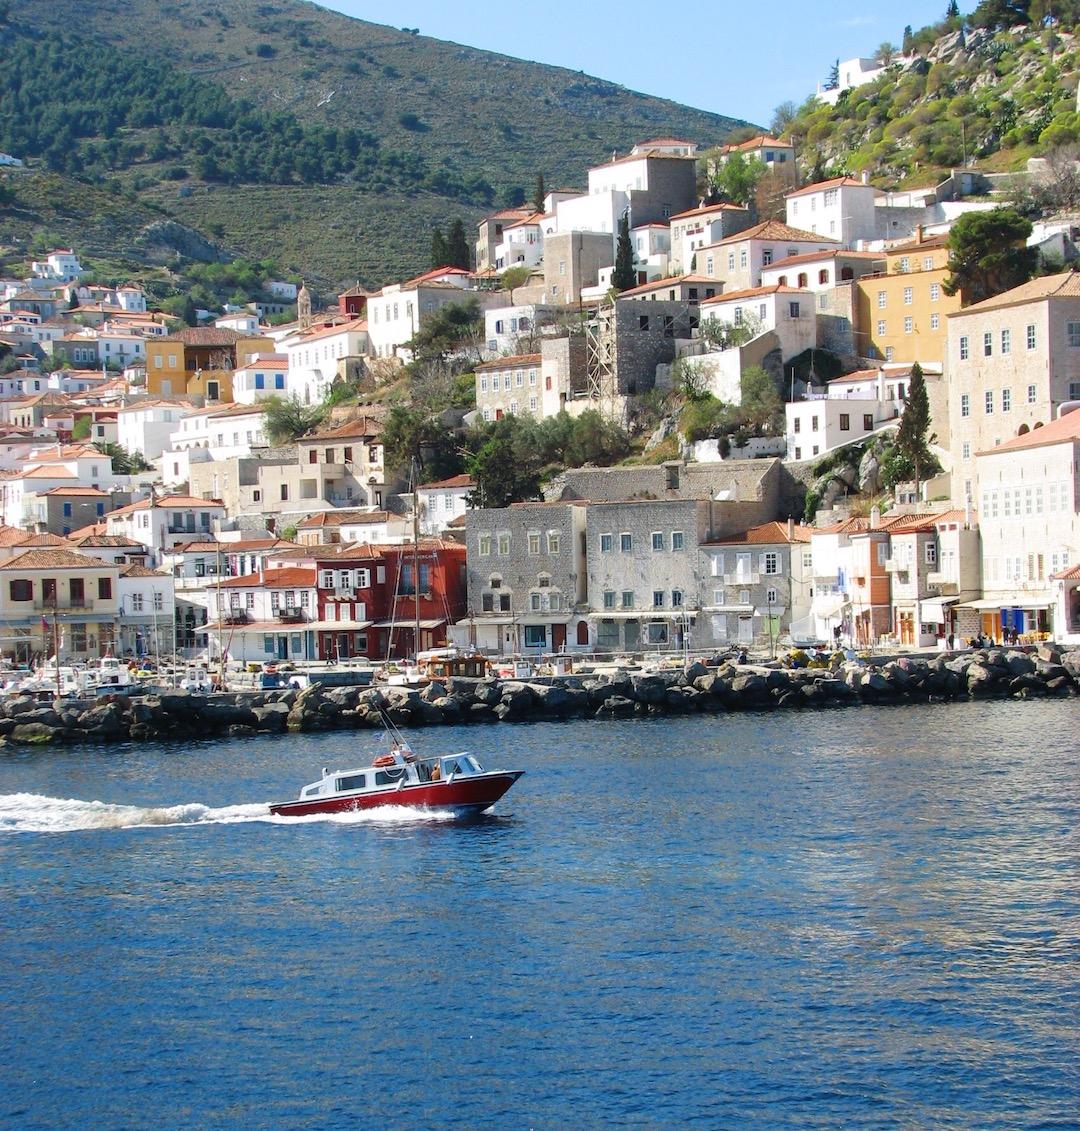 Hydra Island Greece Water Taxi